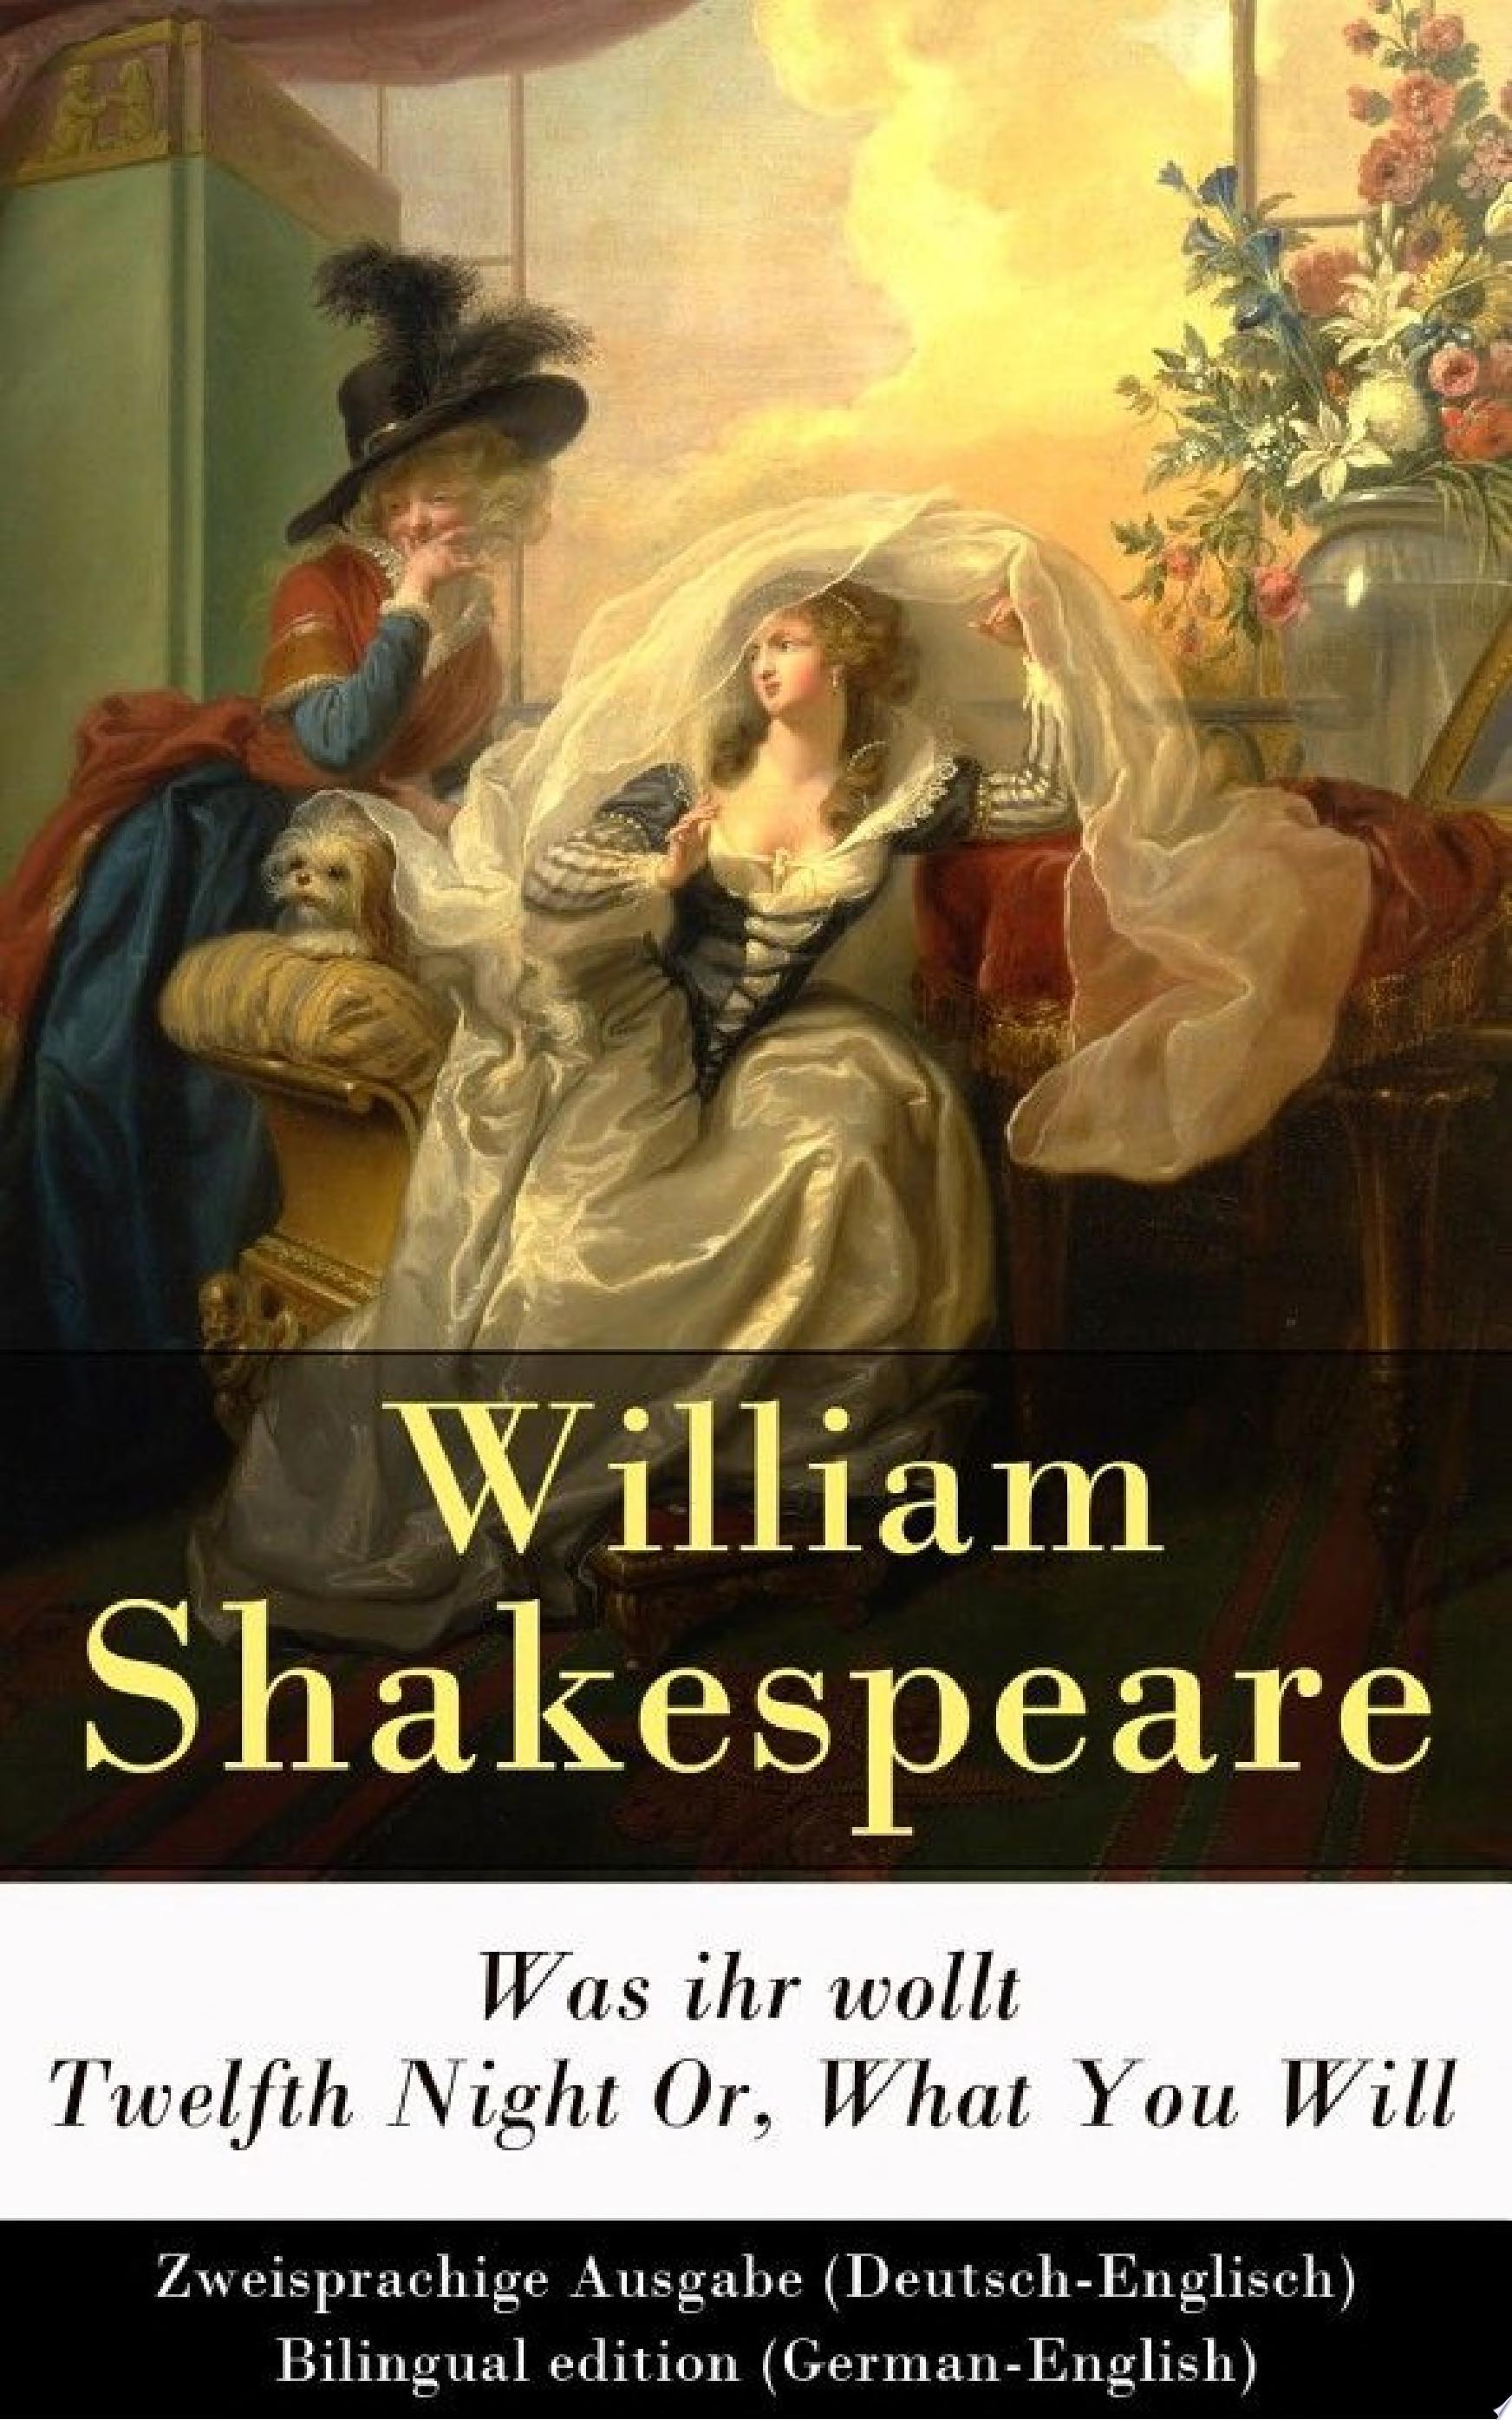 Was ihr wollt   Twelfth Night Or  What You Will   Zweisprachige Ausgabe  Deutsch Englisch    Bilingual edition  German English